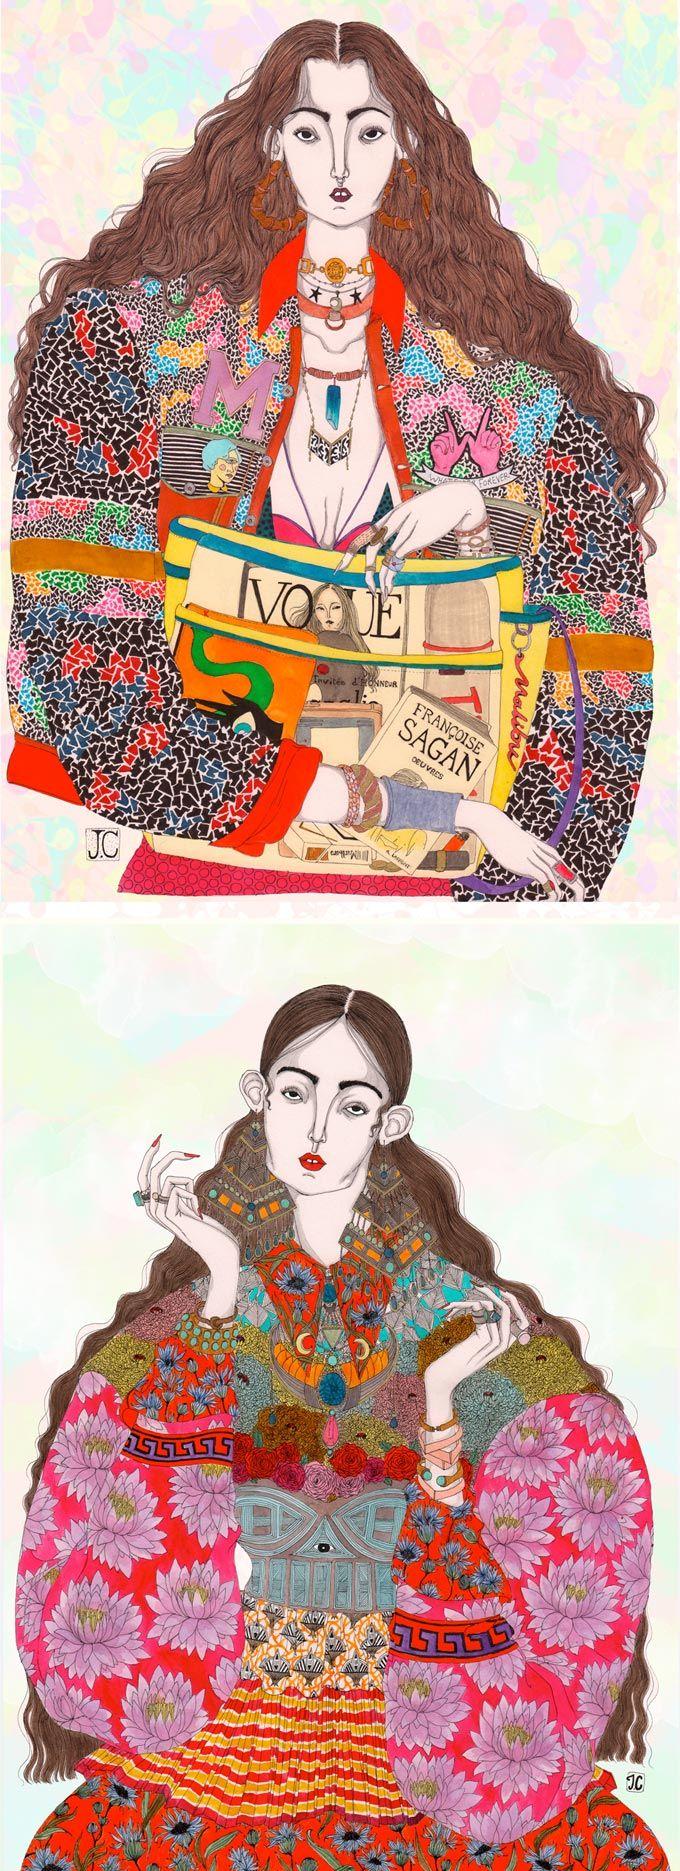 Illustrations by Jérémy Combot